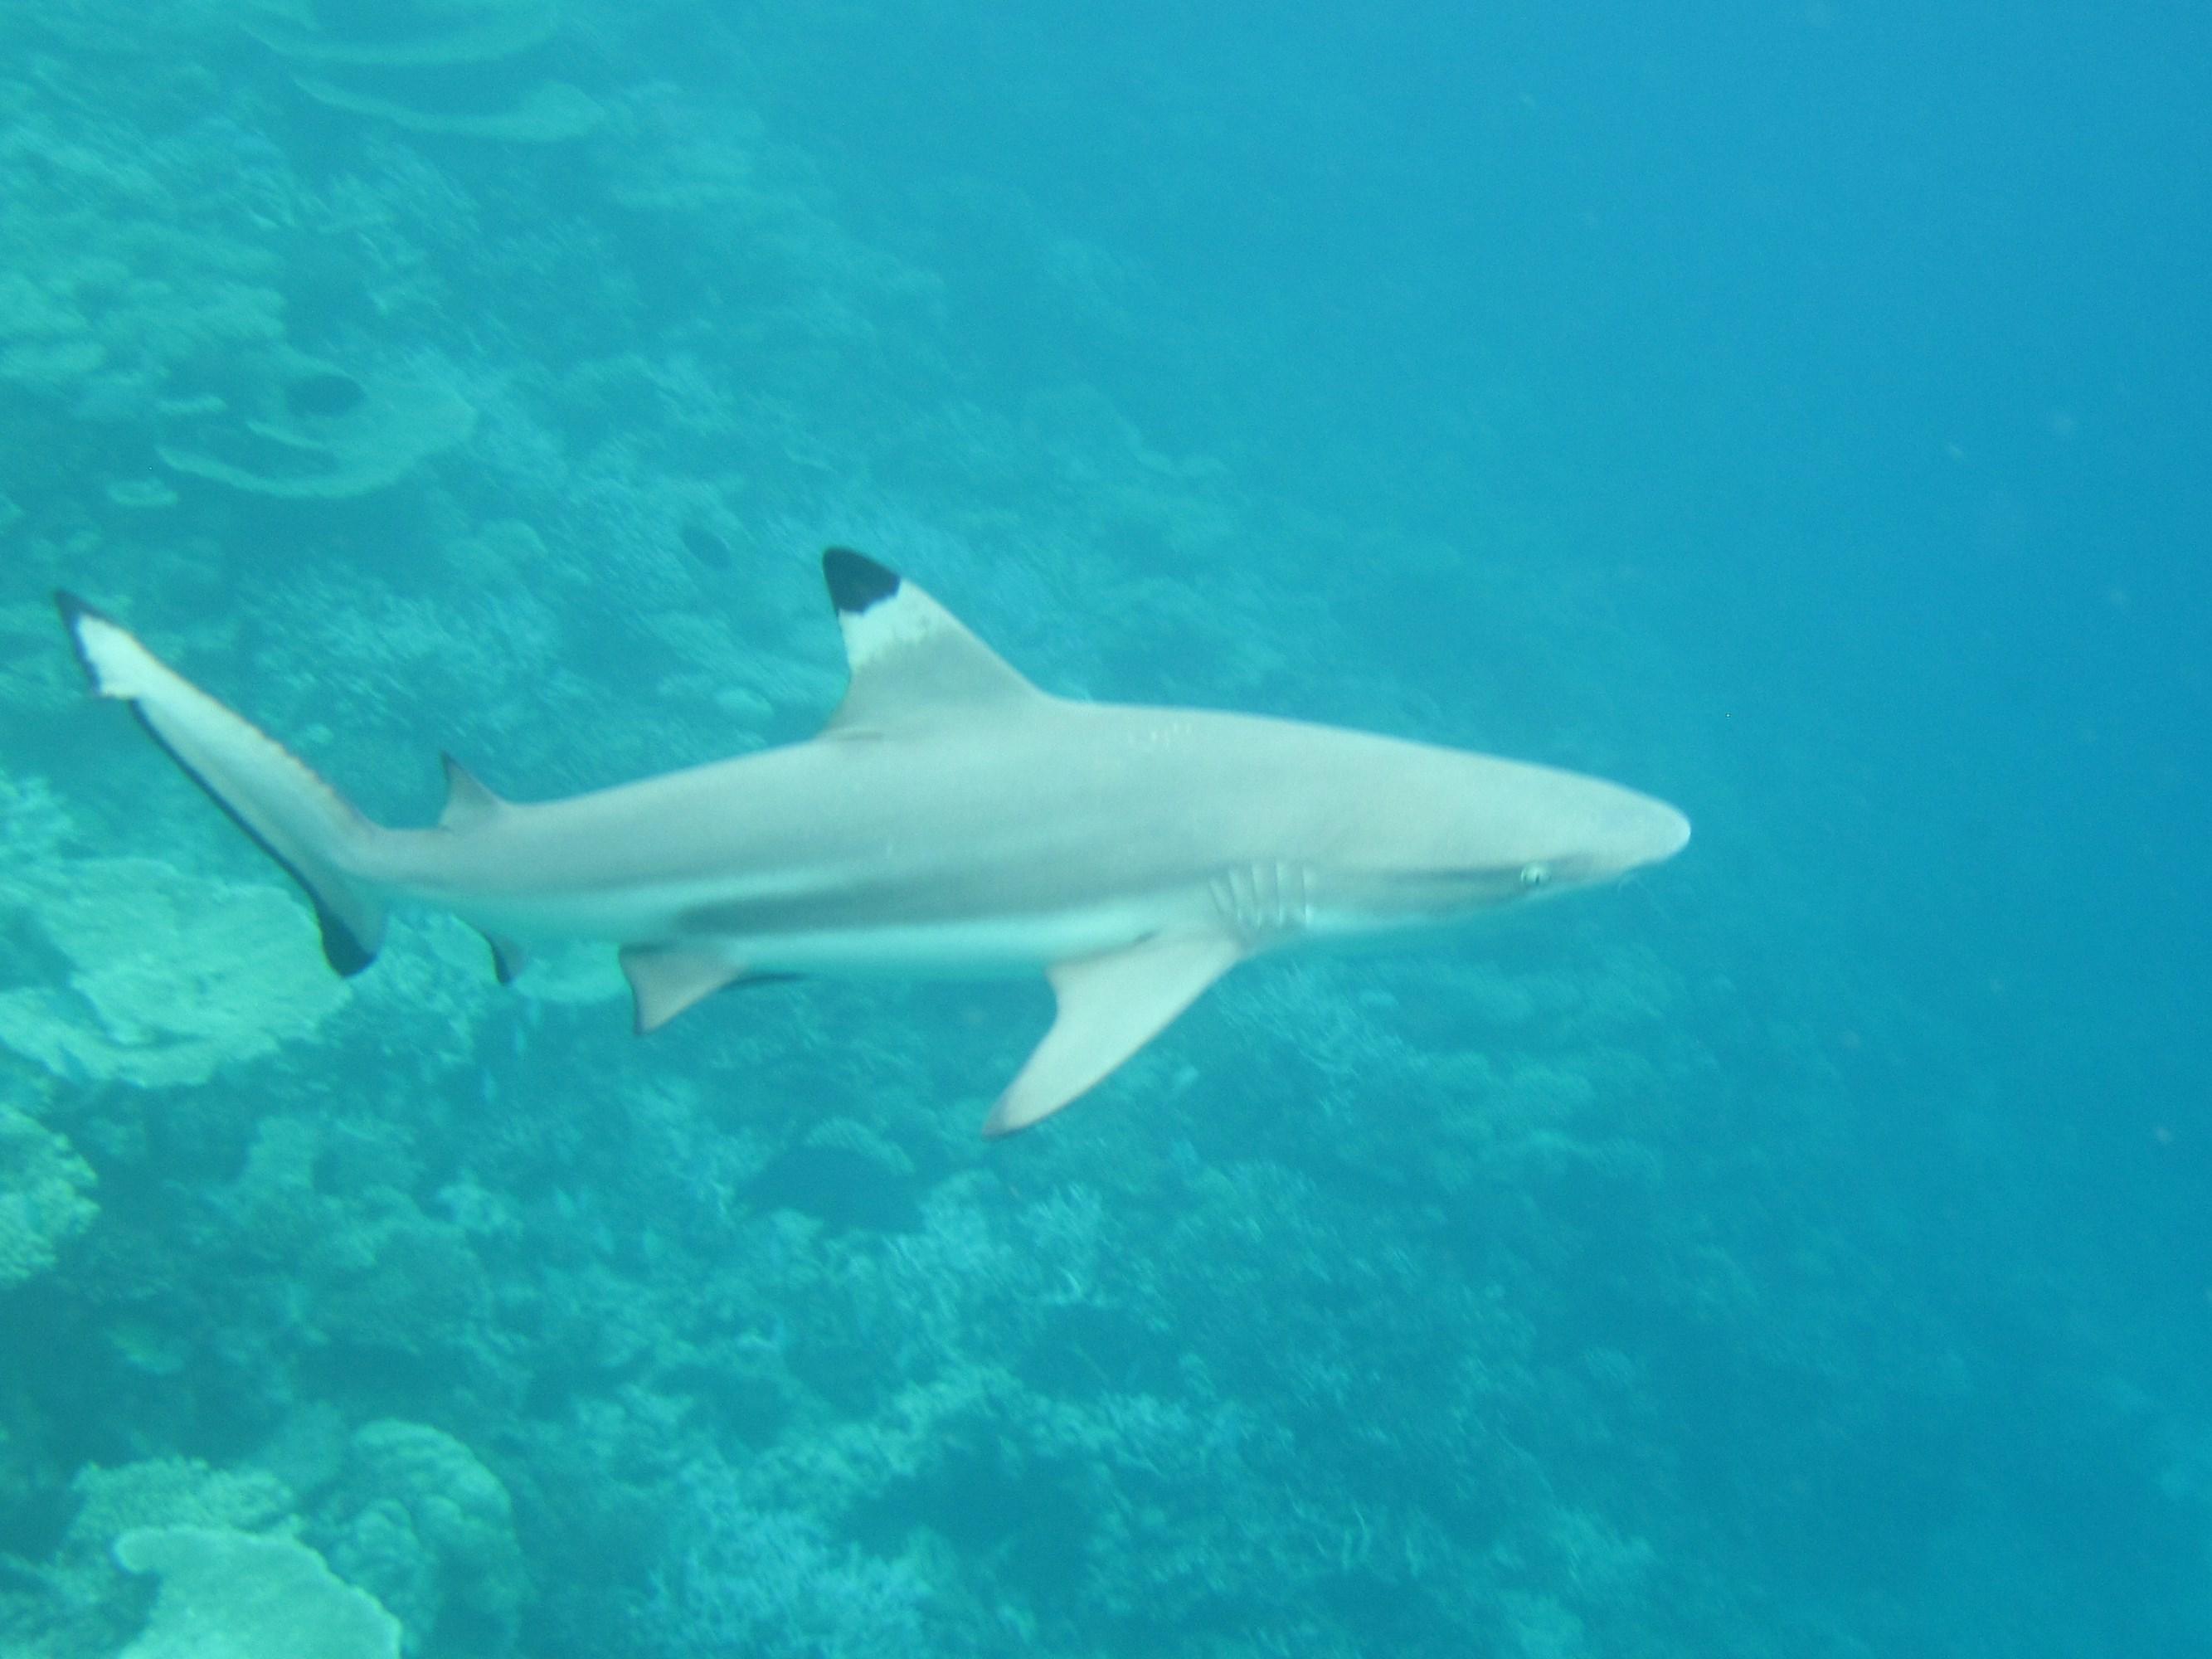 早餐8时容易看到. 游过来了.这就是最大的了. 当地人叫它柠檬鲨.